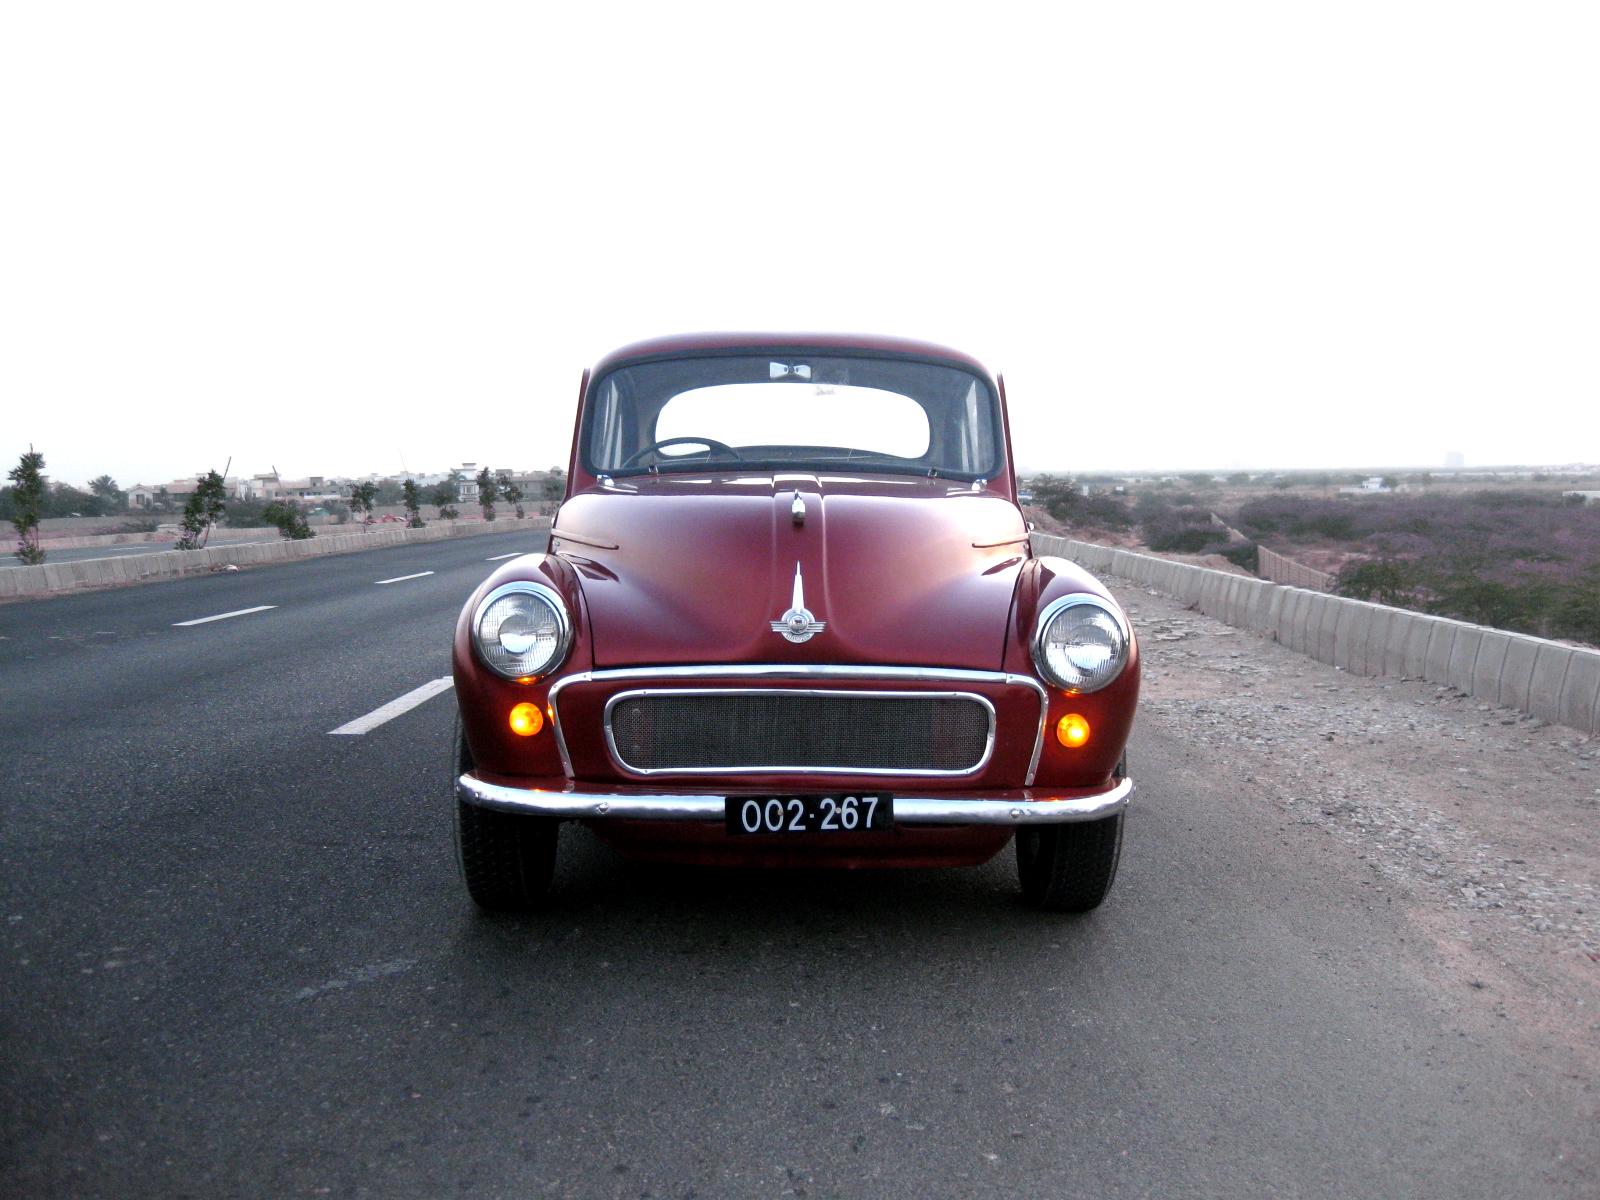 Morris Oxford - 1963 Morris Minor 1000 Image-1